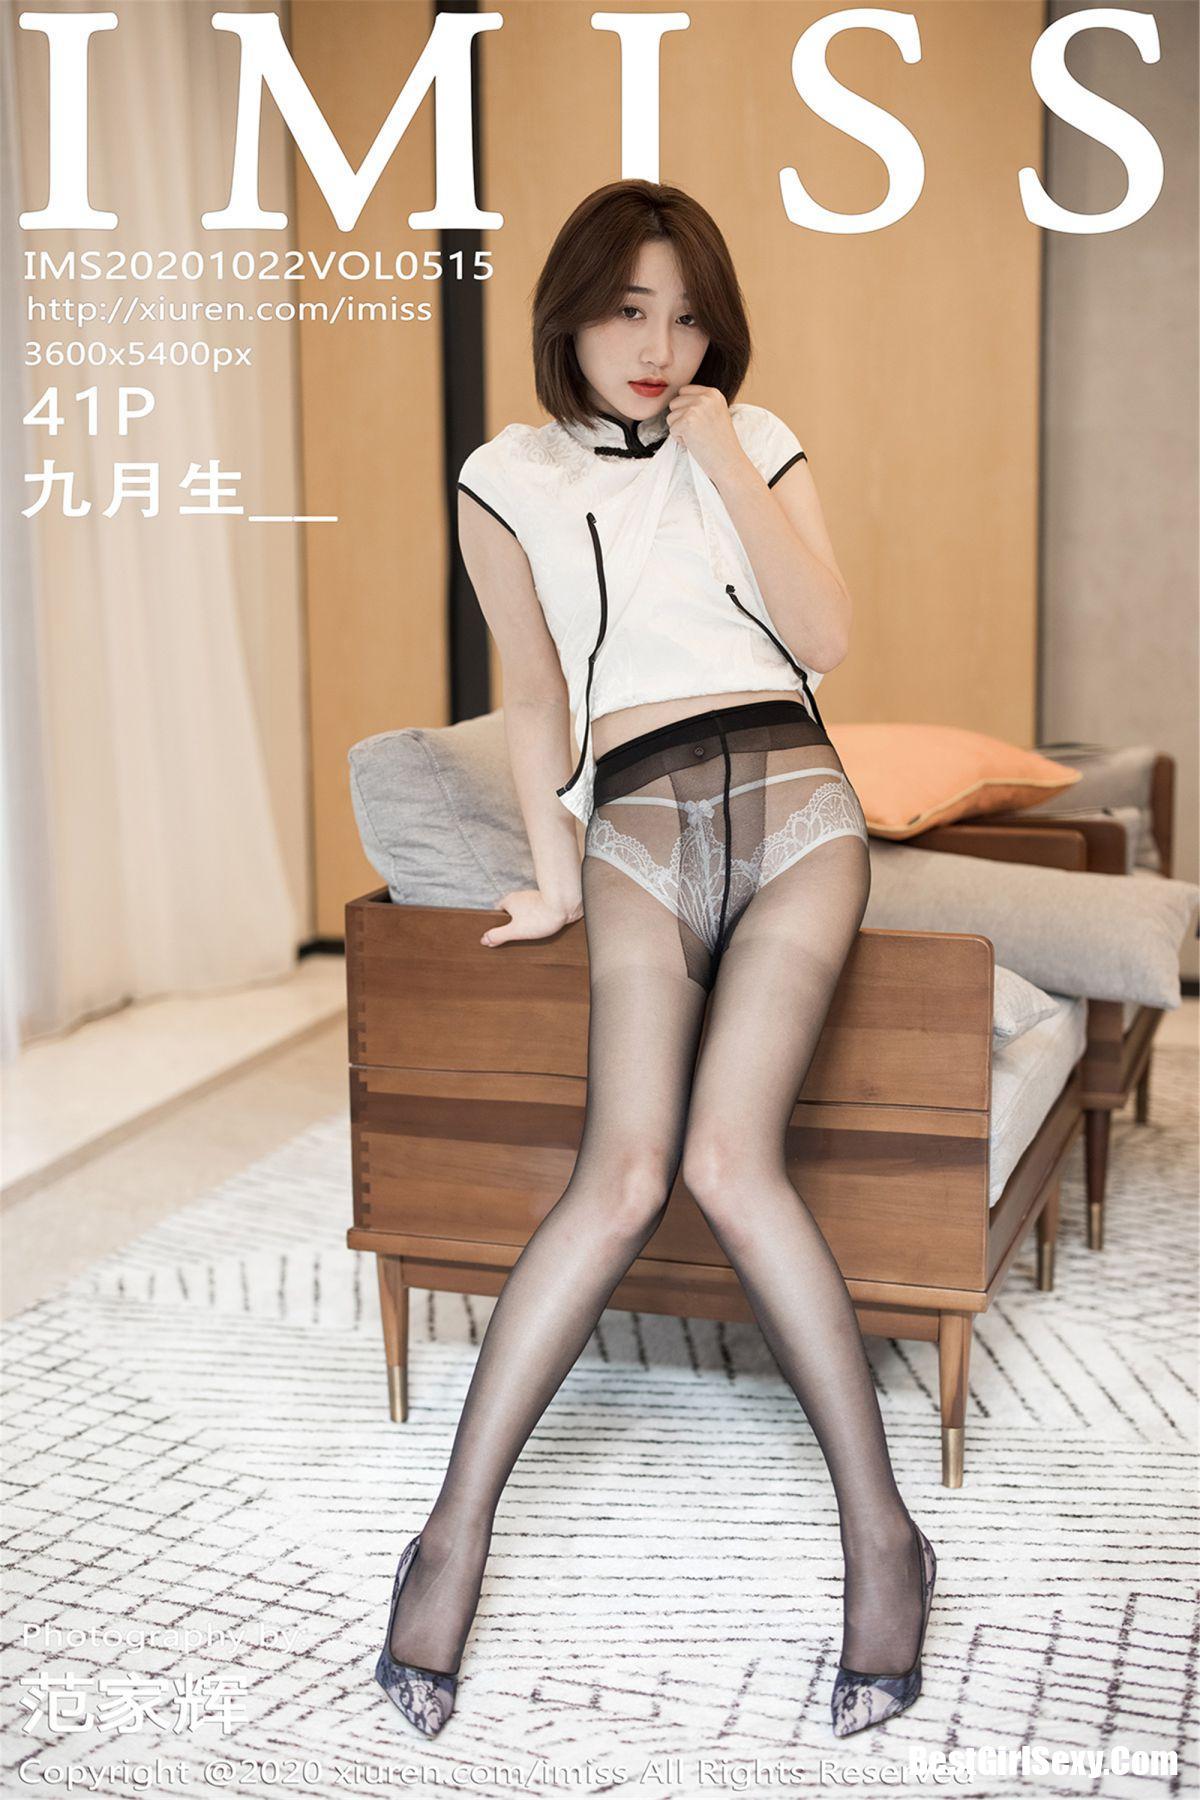 IMiss爱蜜社 Vol.515 Xiao Jiu Yue